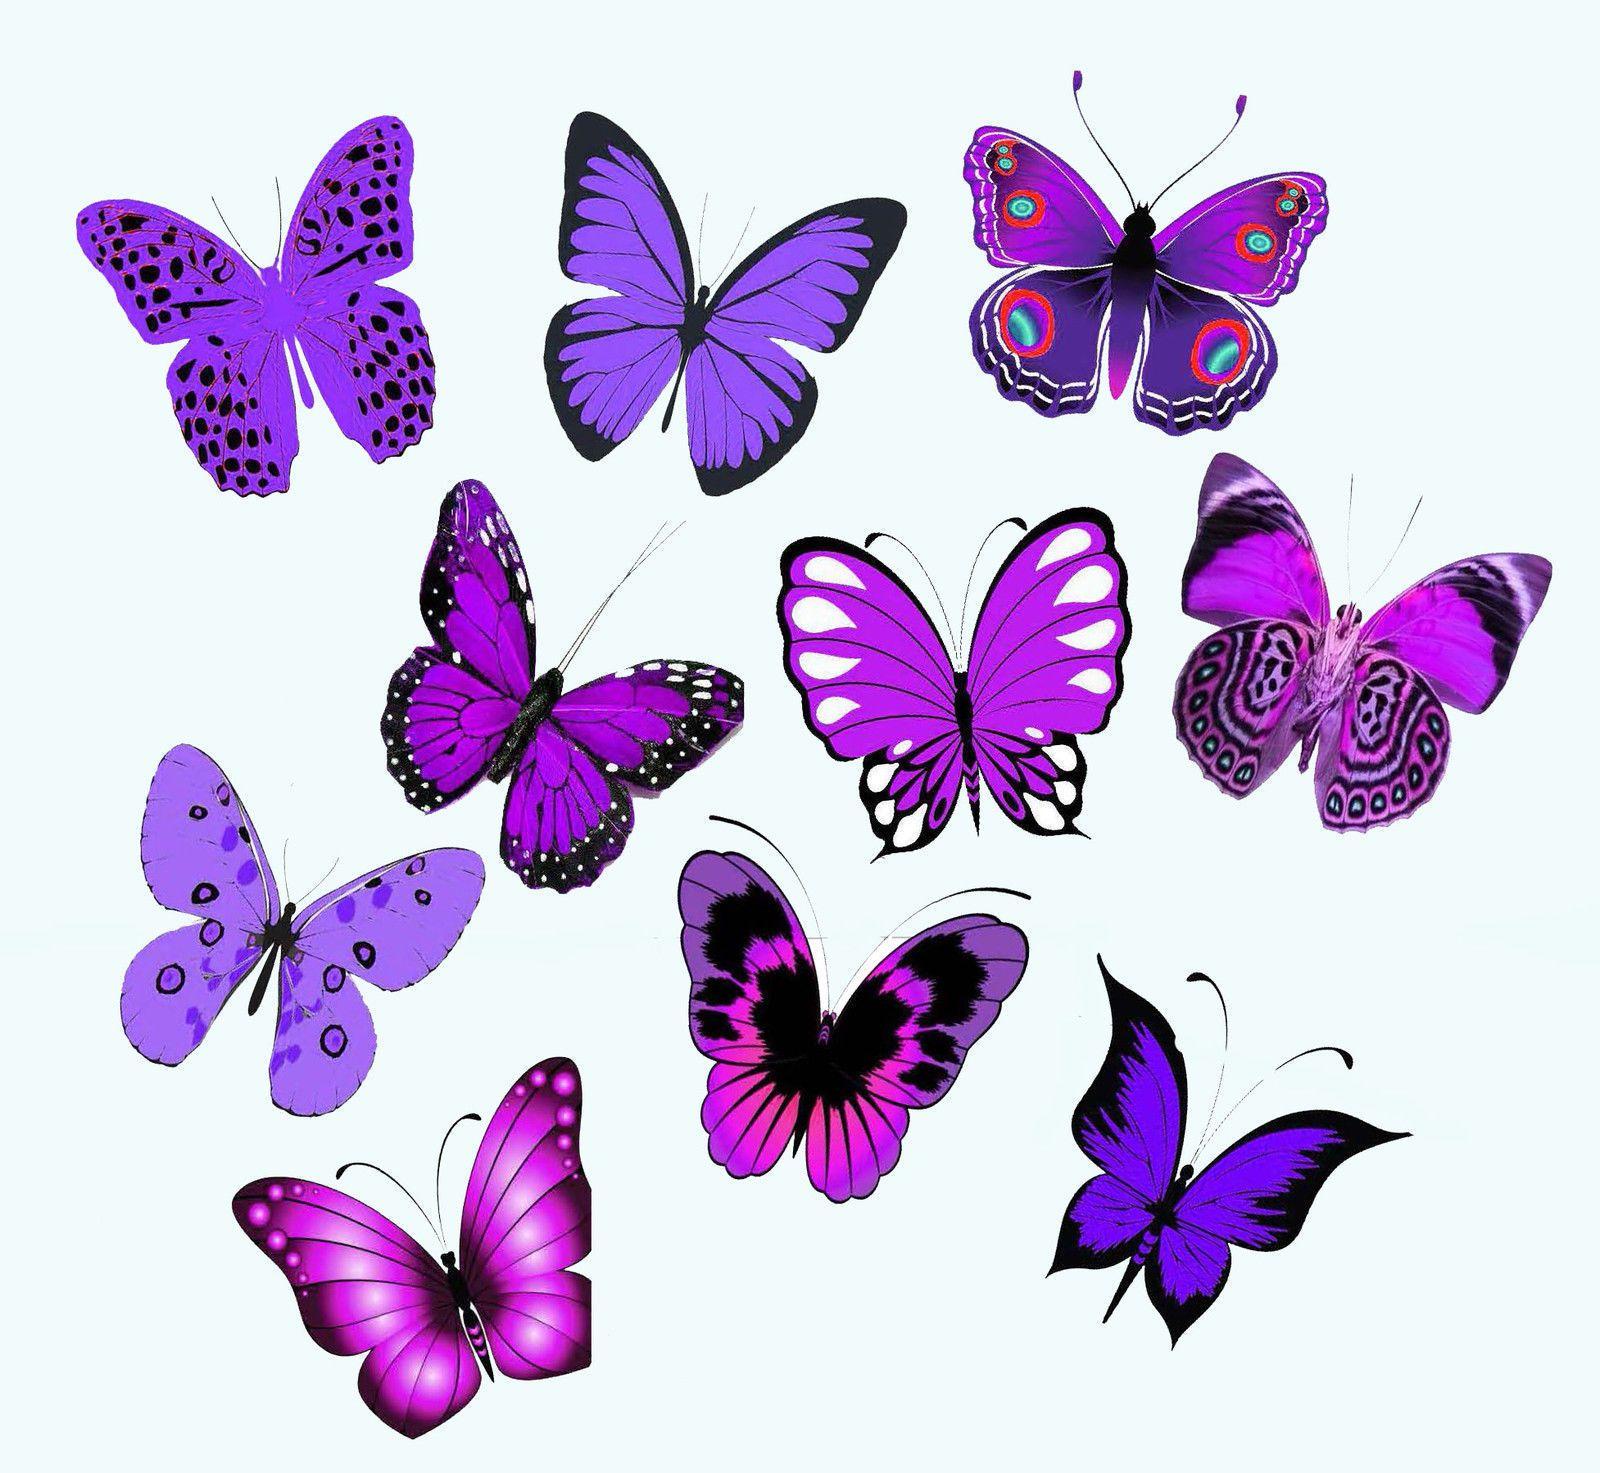 395aud 30 x 5cms purple violet butterflies edible